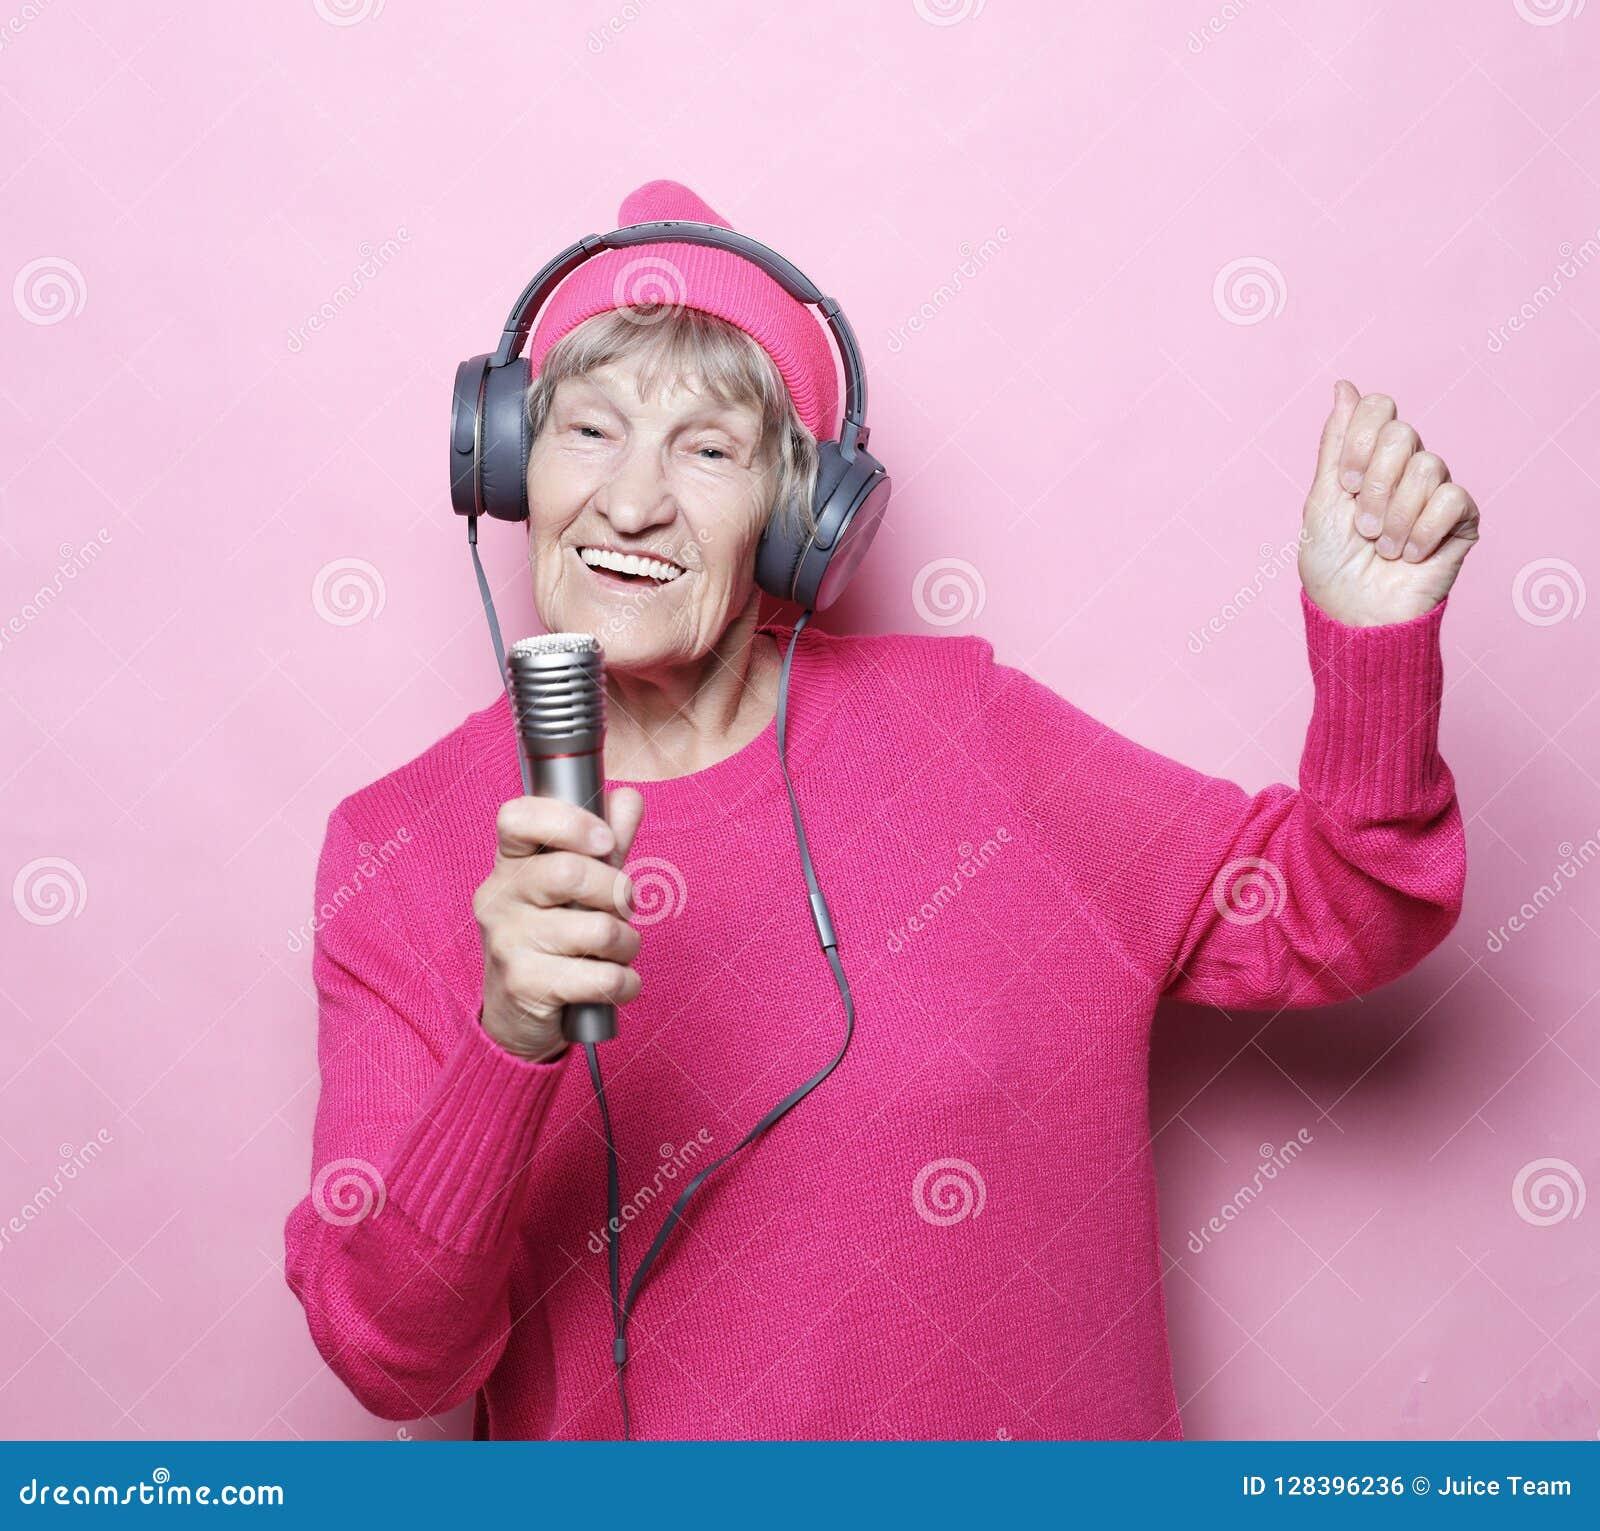 Образ жизни и концепция людей: Музыка смешной пожилой женщины слушая с наушниками и петь с mic